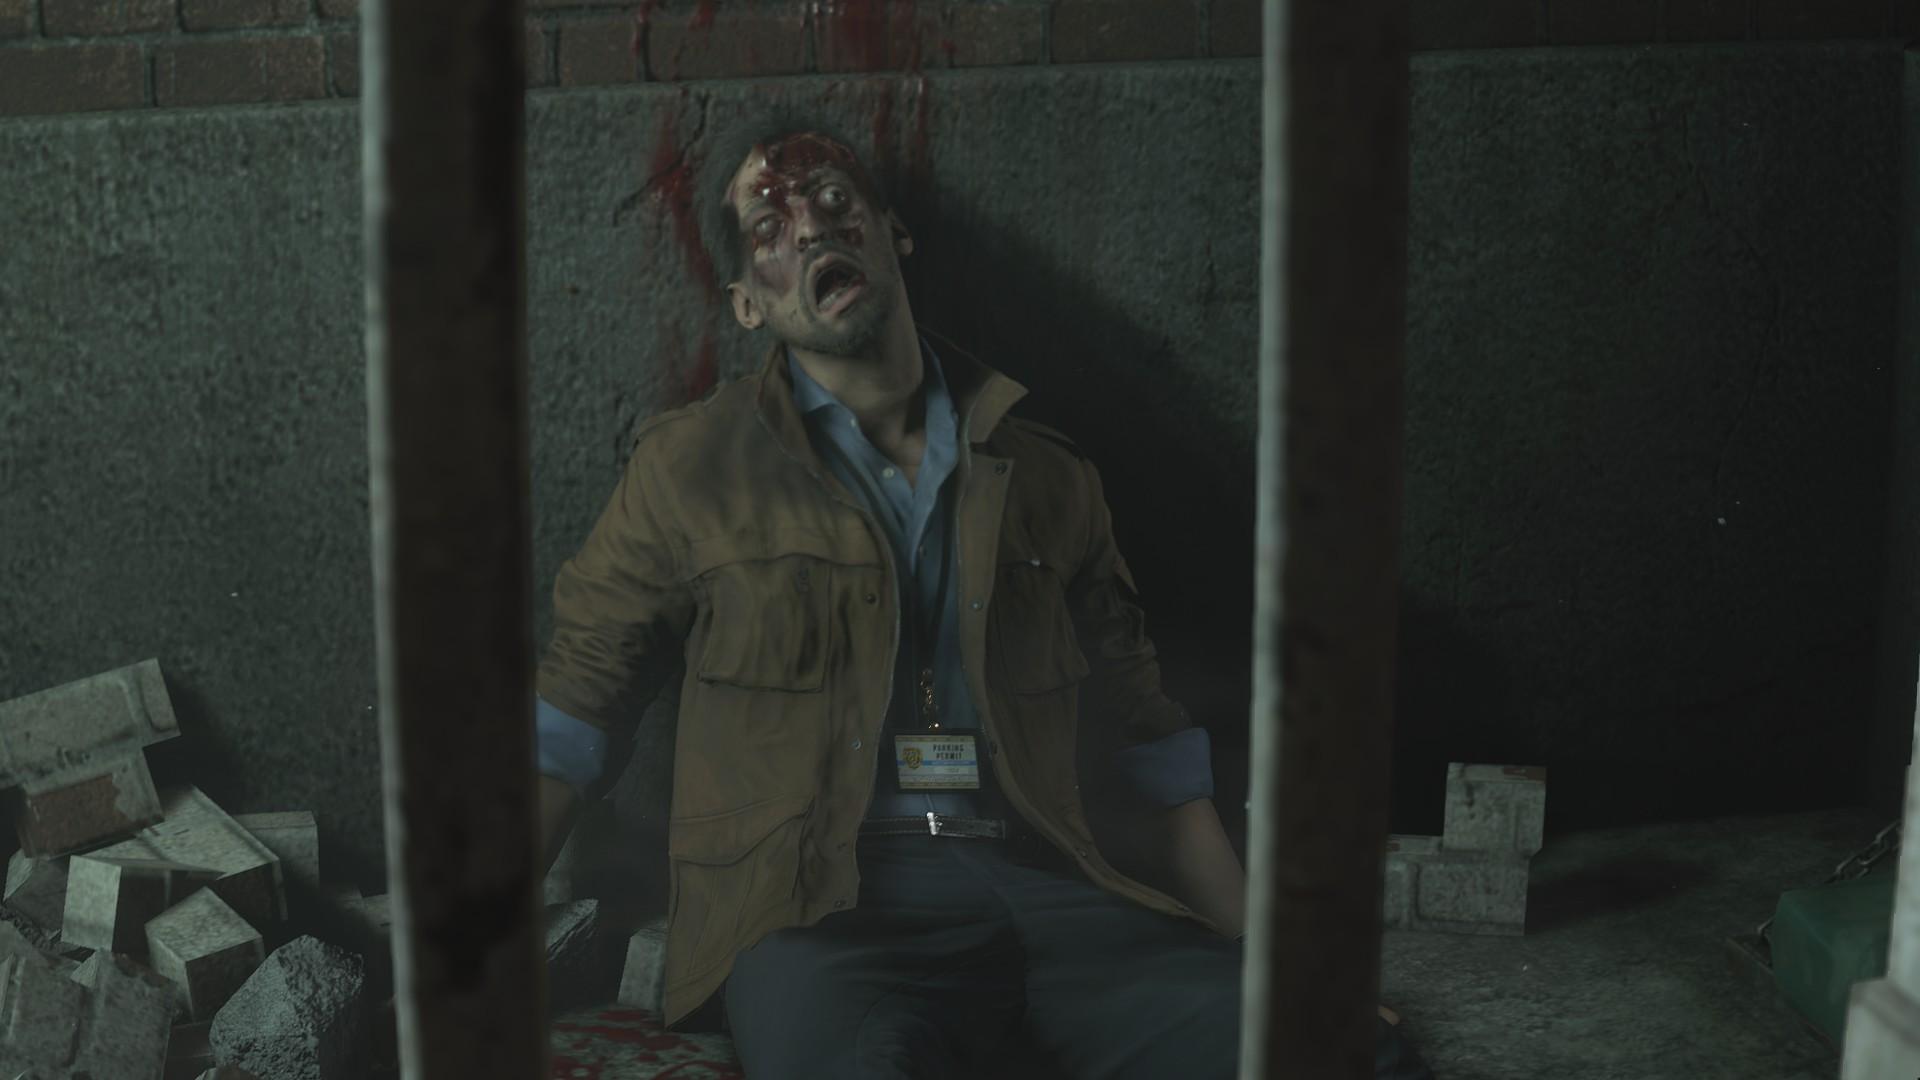 Работа, учеба, диплом: / Я, здоровый сон, личная жизнь: - Resident Evil 2